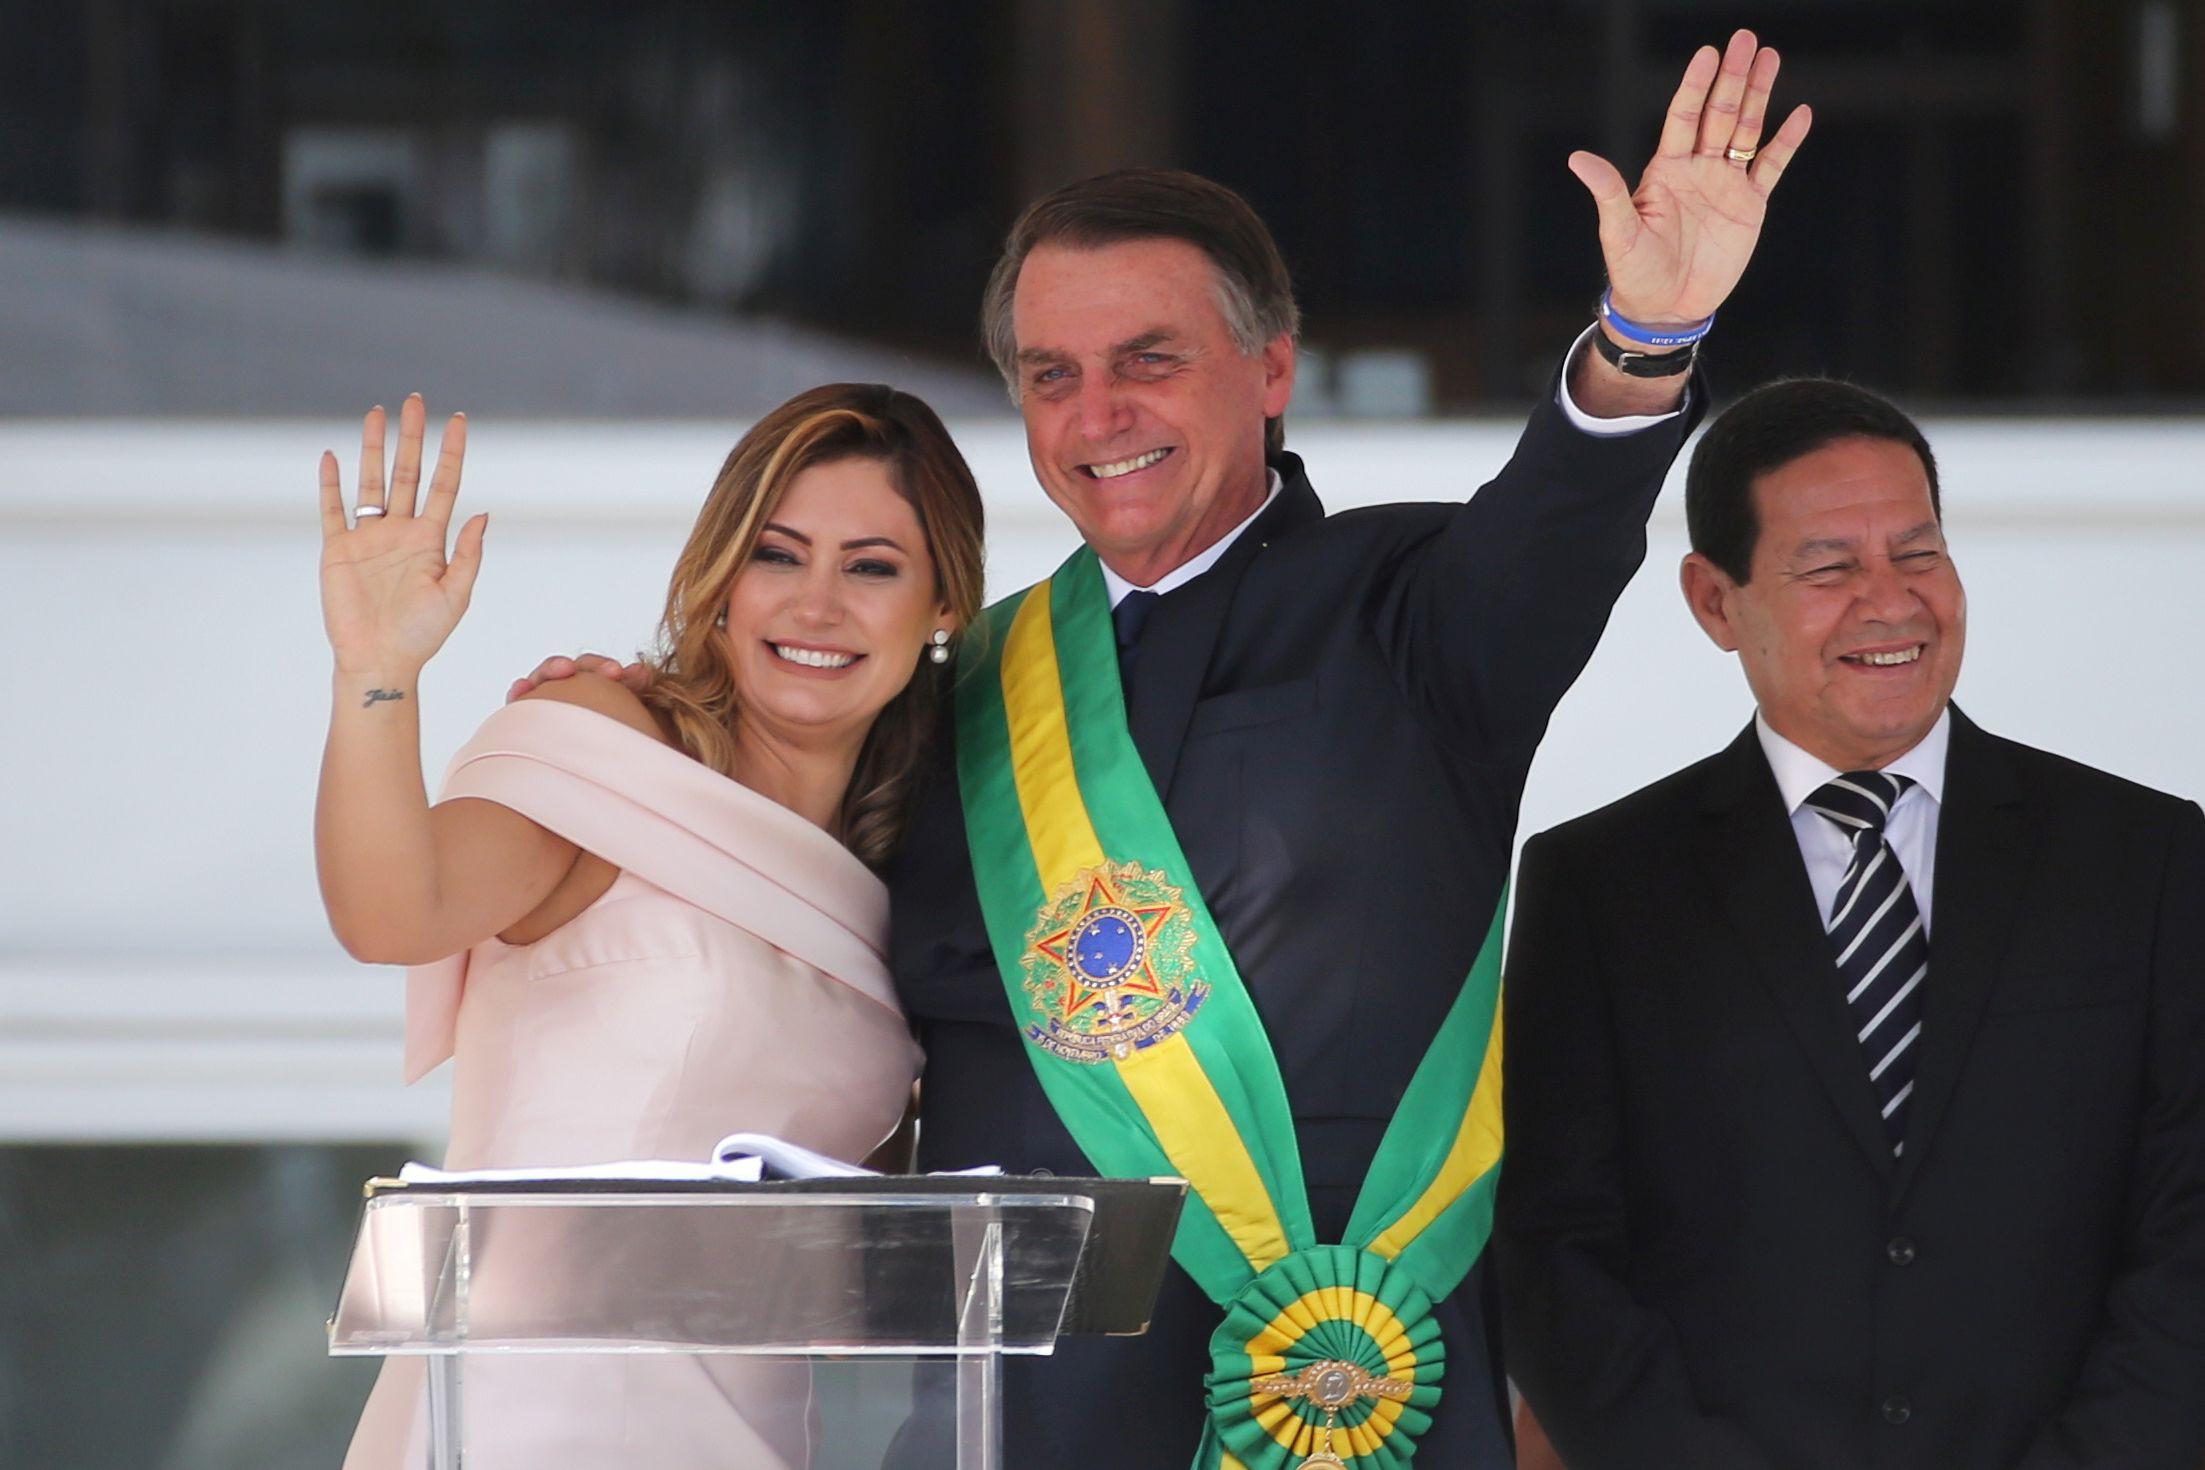 Sorrisos, lágrimas e beijos. As imagens da tomada de posse de Bolsonaro